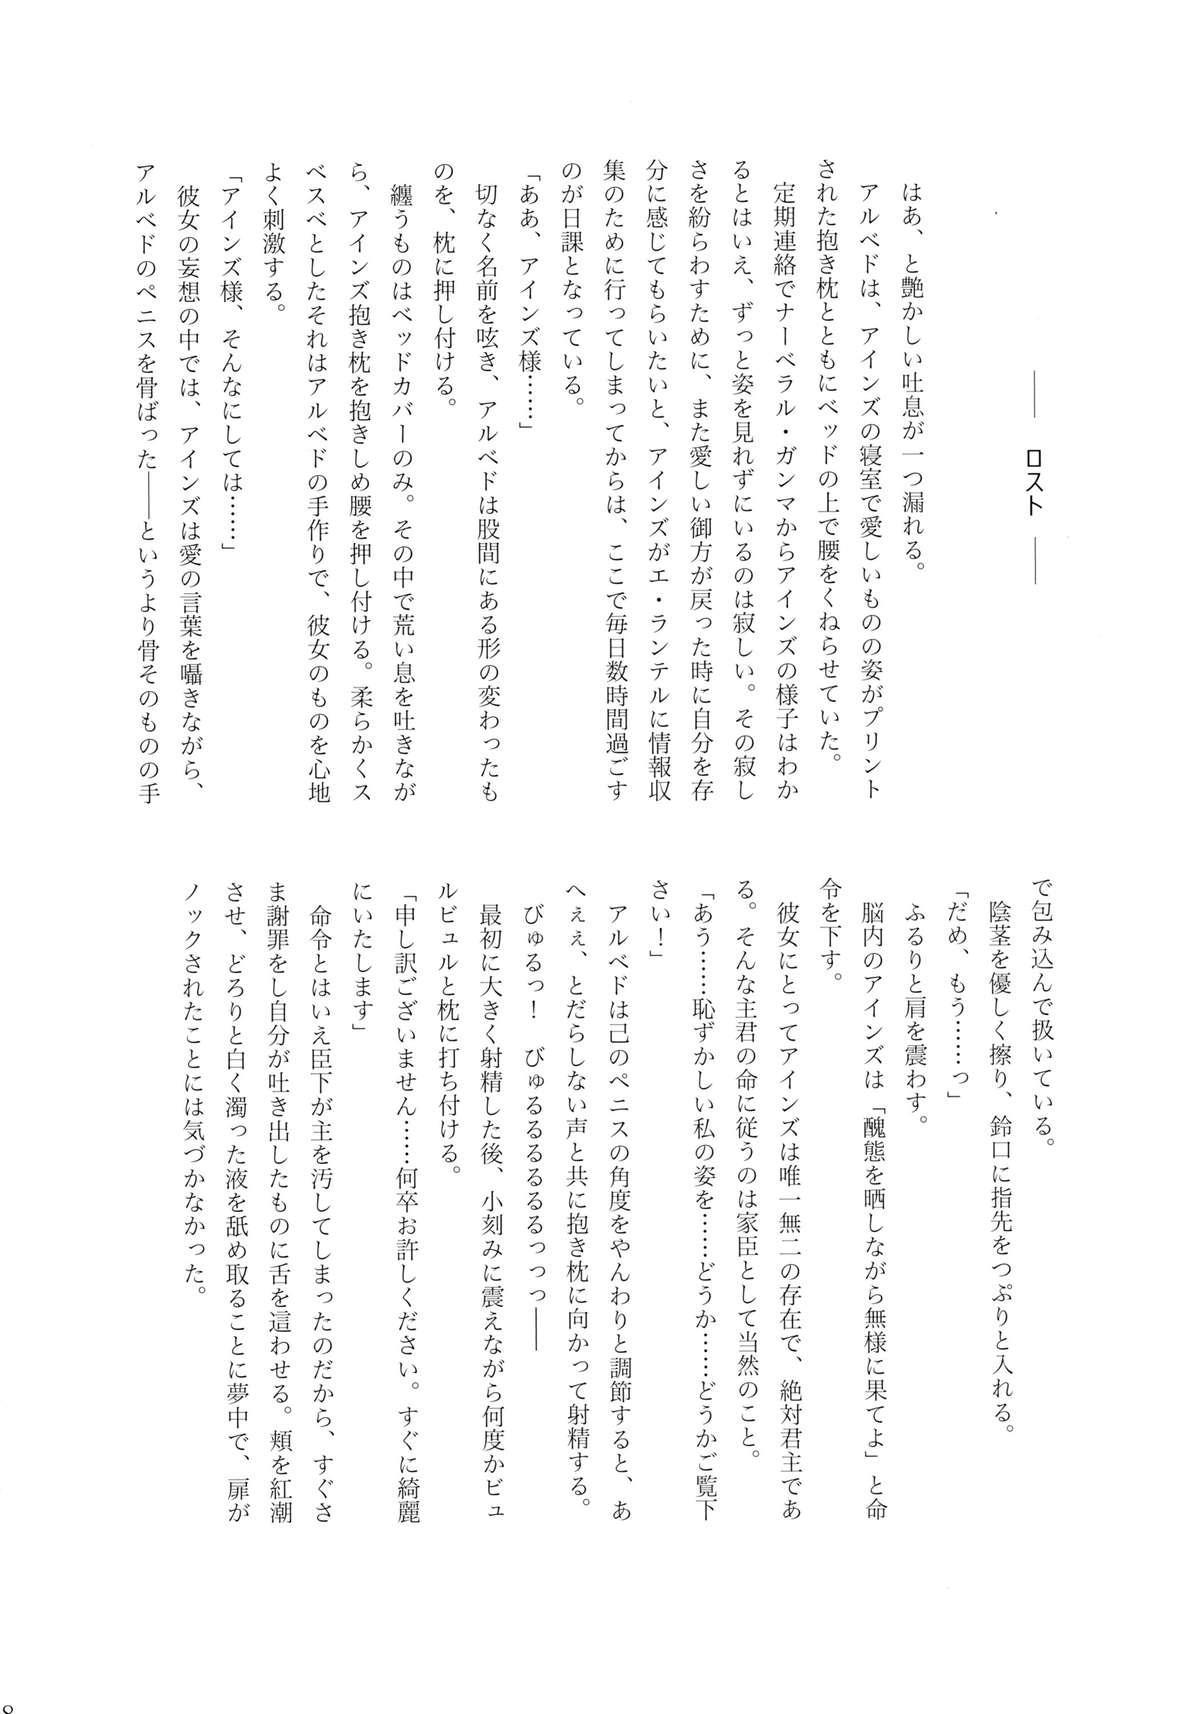 Oideyo! Nazarick no Futanari Bokujou 27